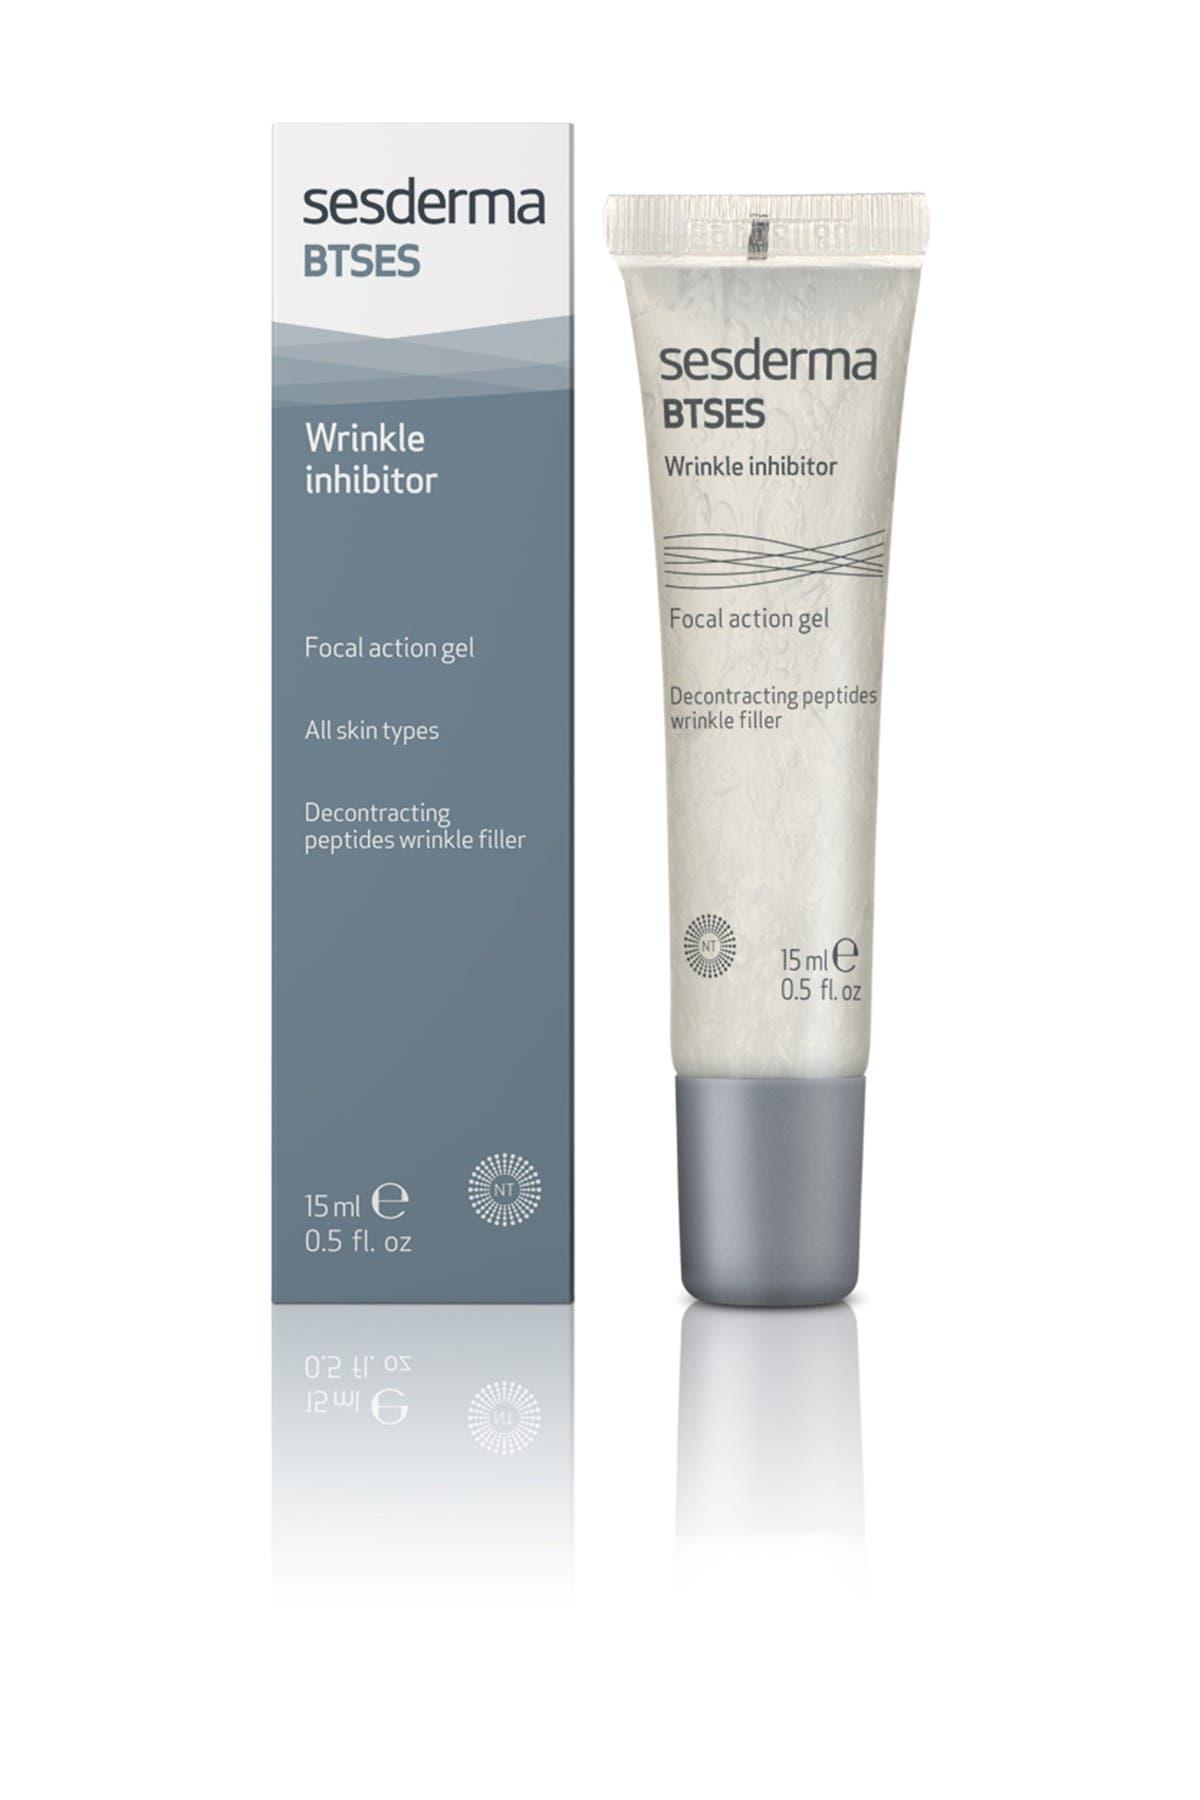 Image of Sesderma BTSES Wrinkle Focal Gel